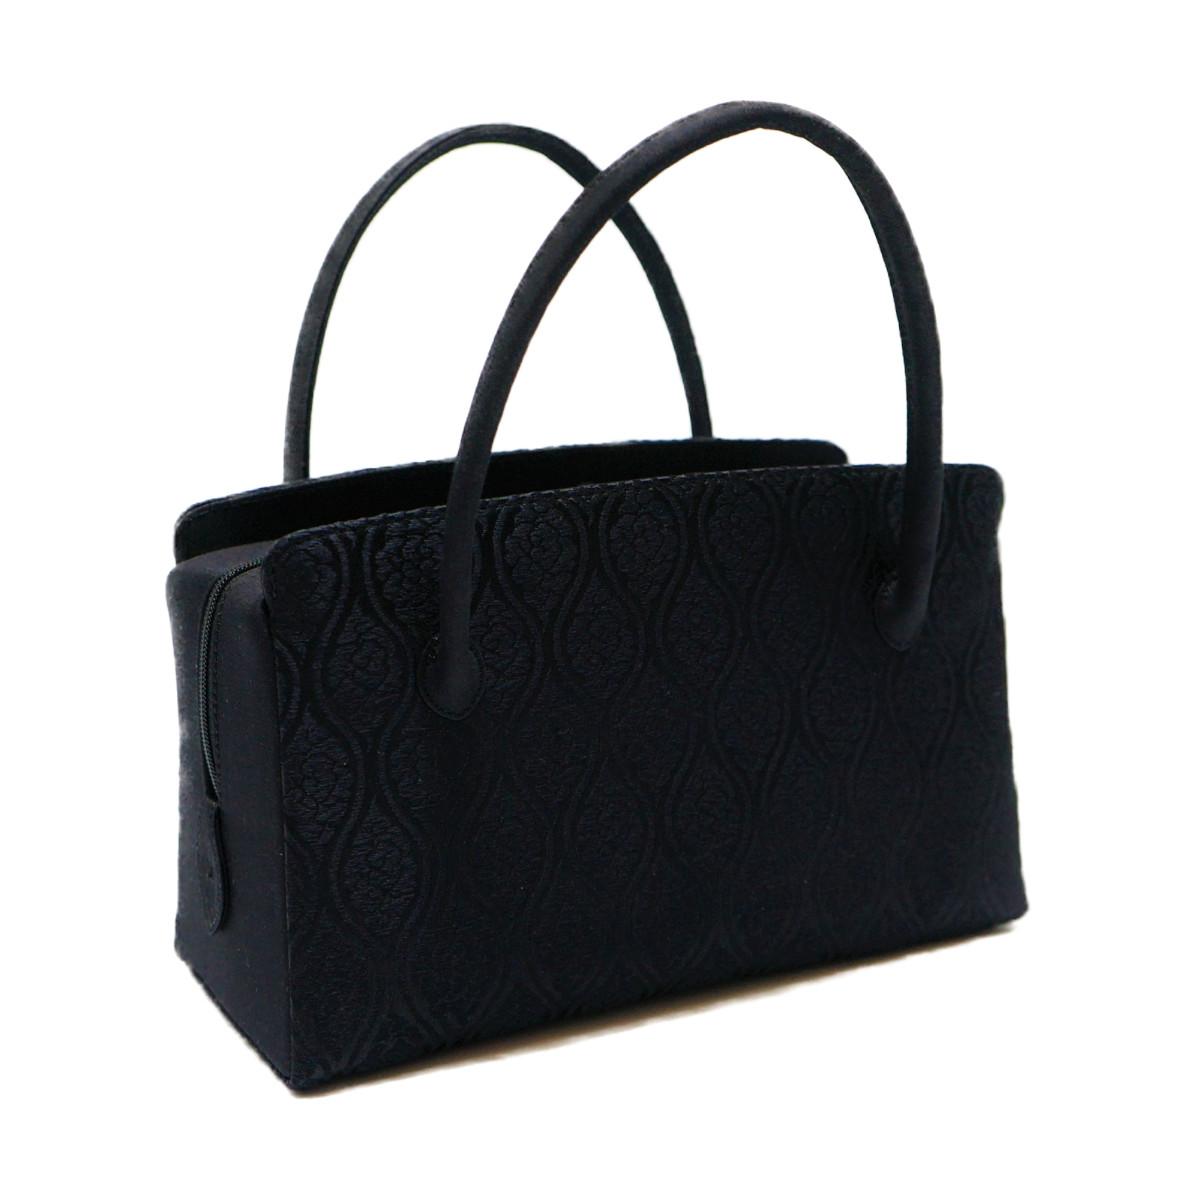 和装バッグ 利休バッグ 小サイズ喪服用 正絹西陣織物